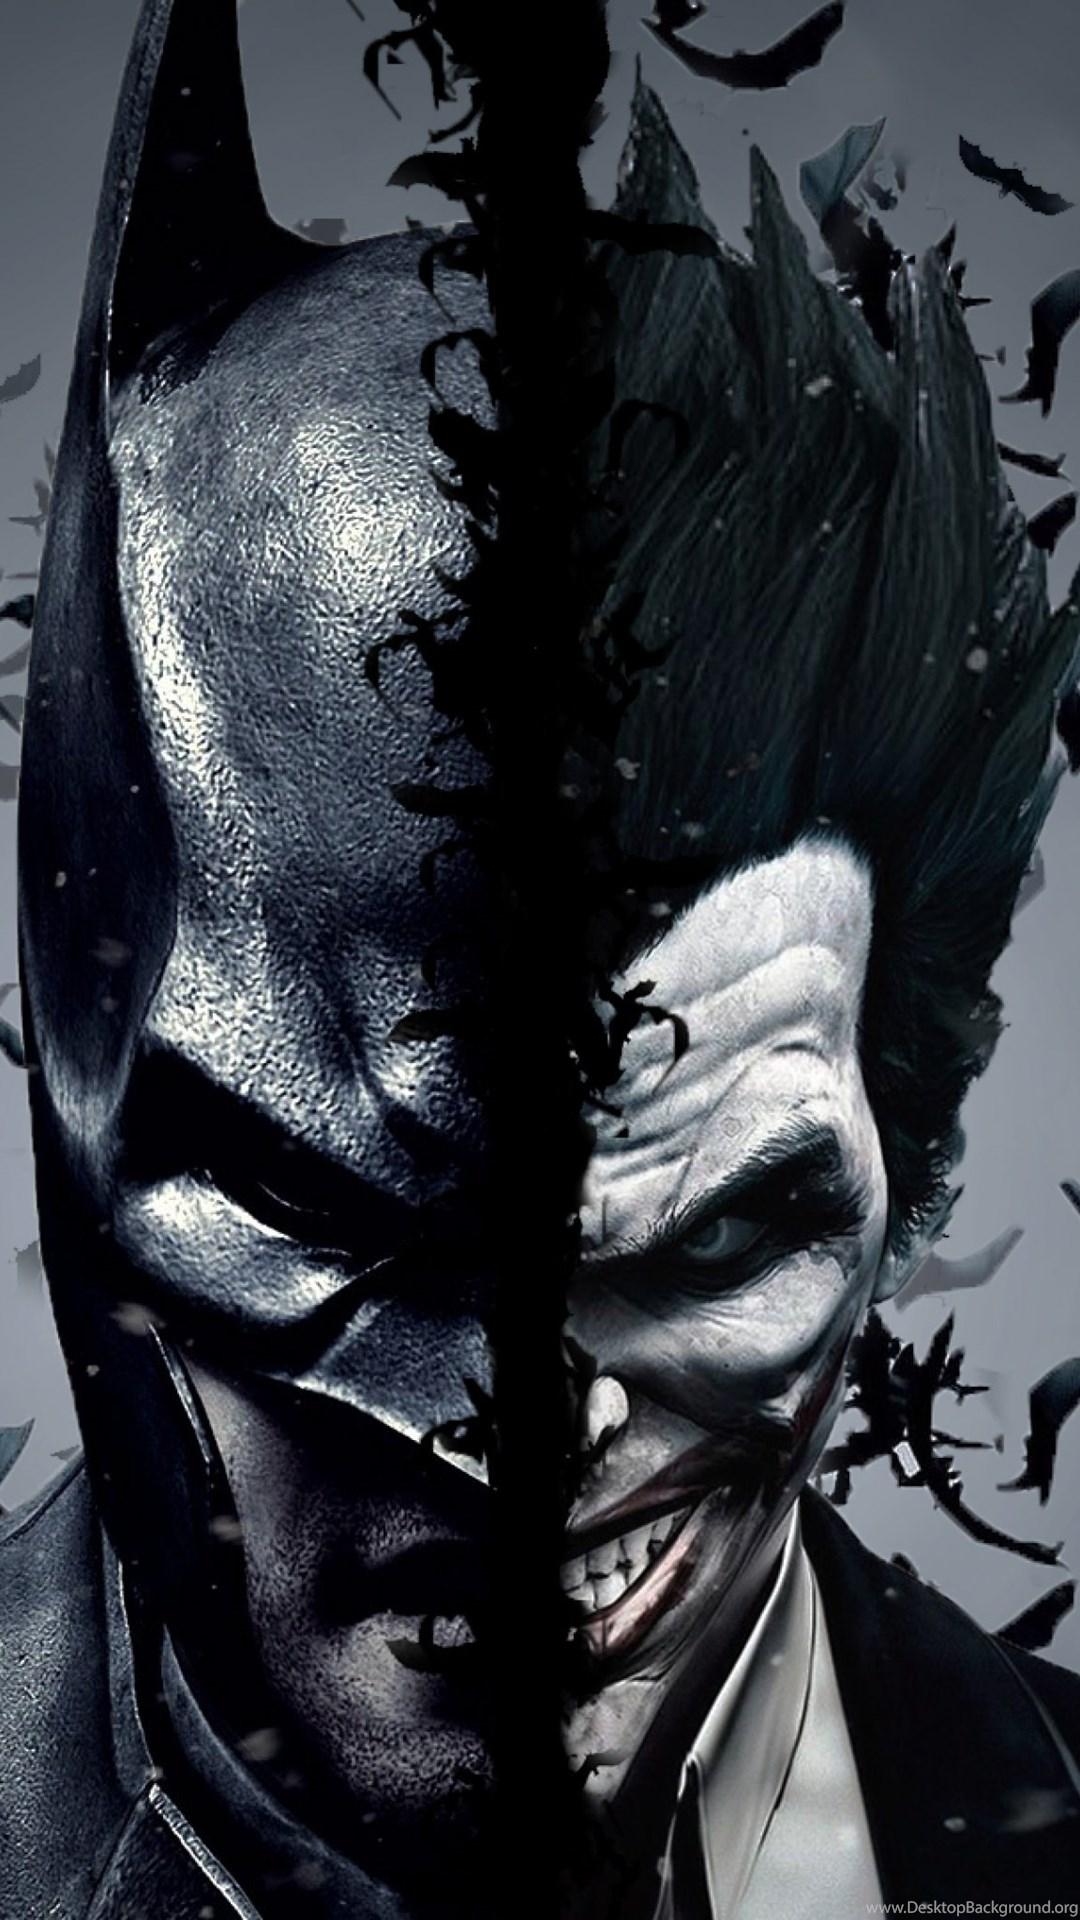 Batman and joker wallpapers hd